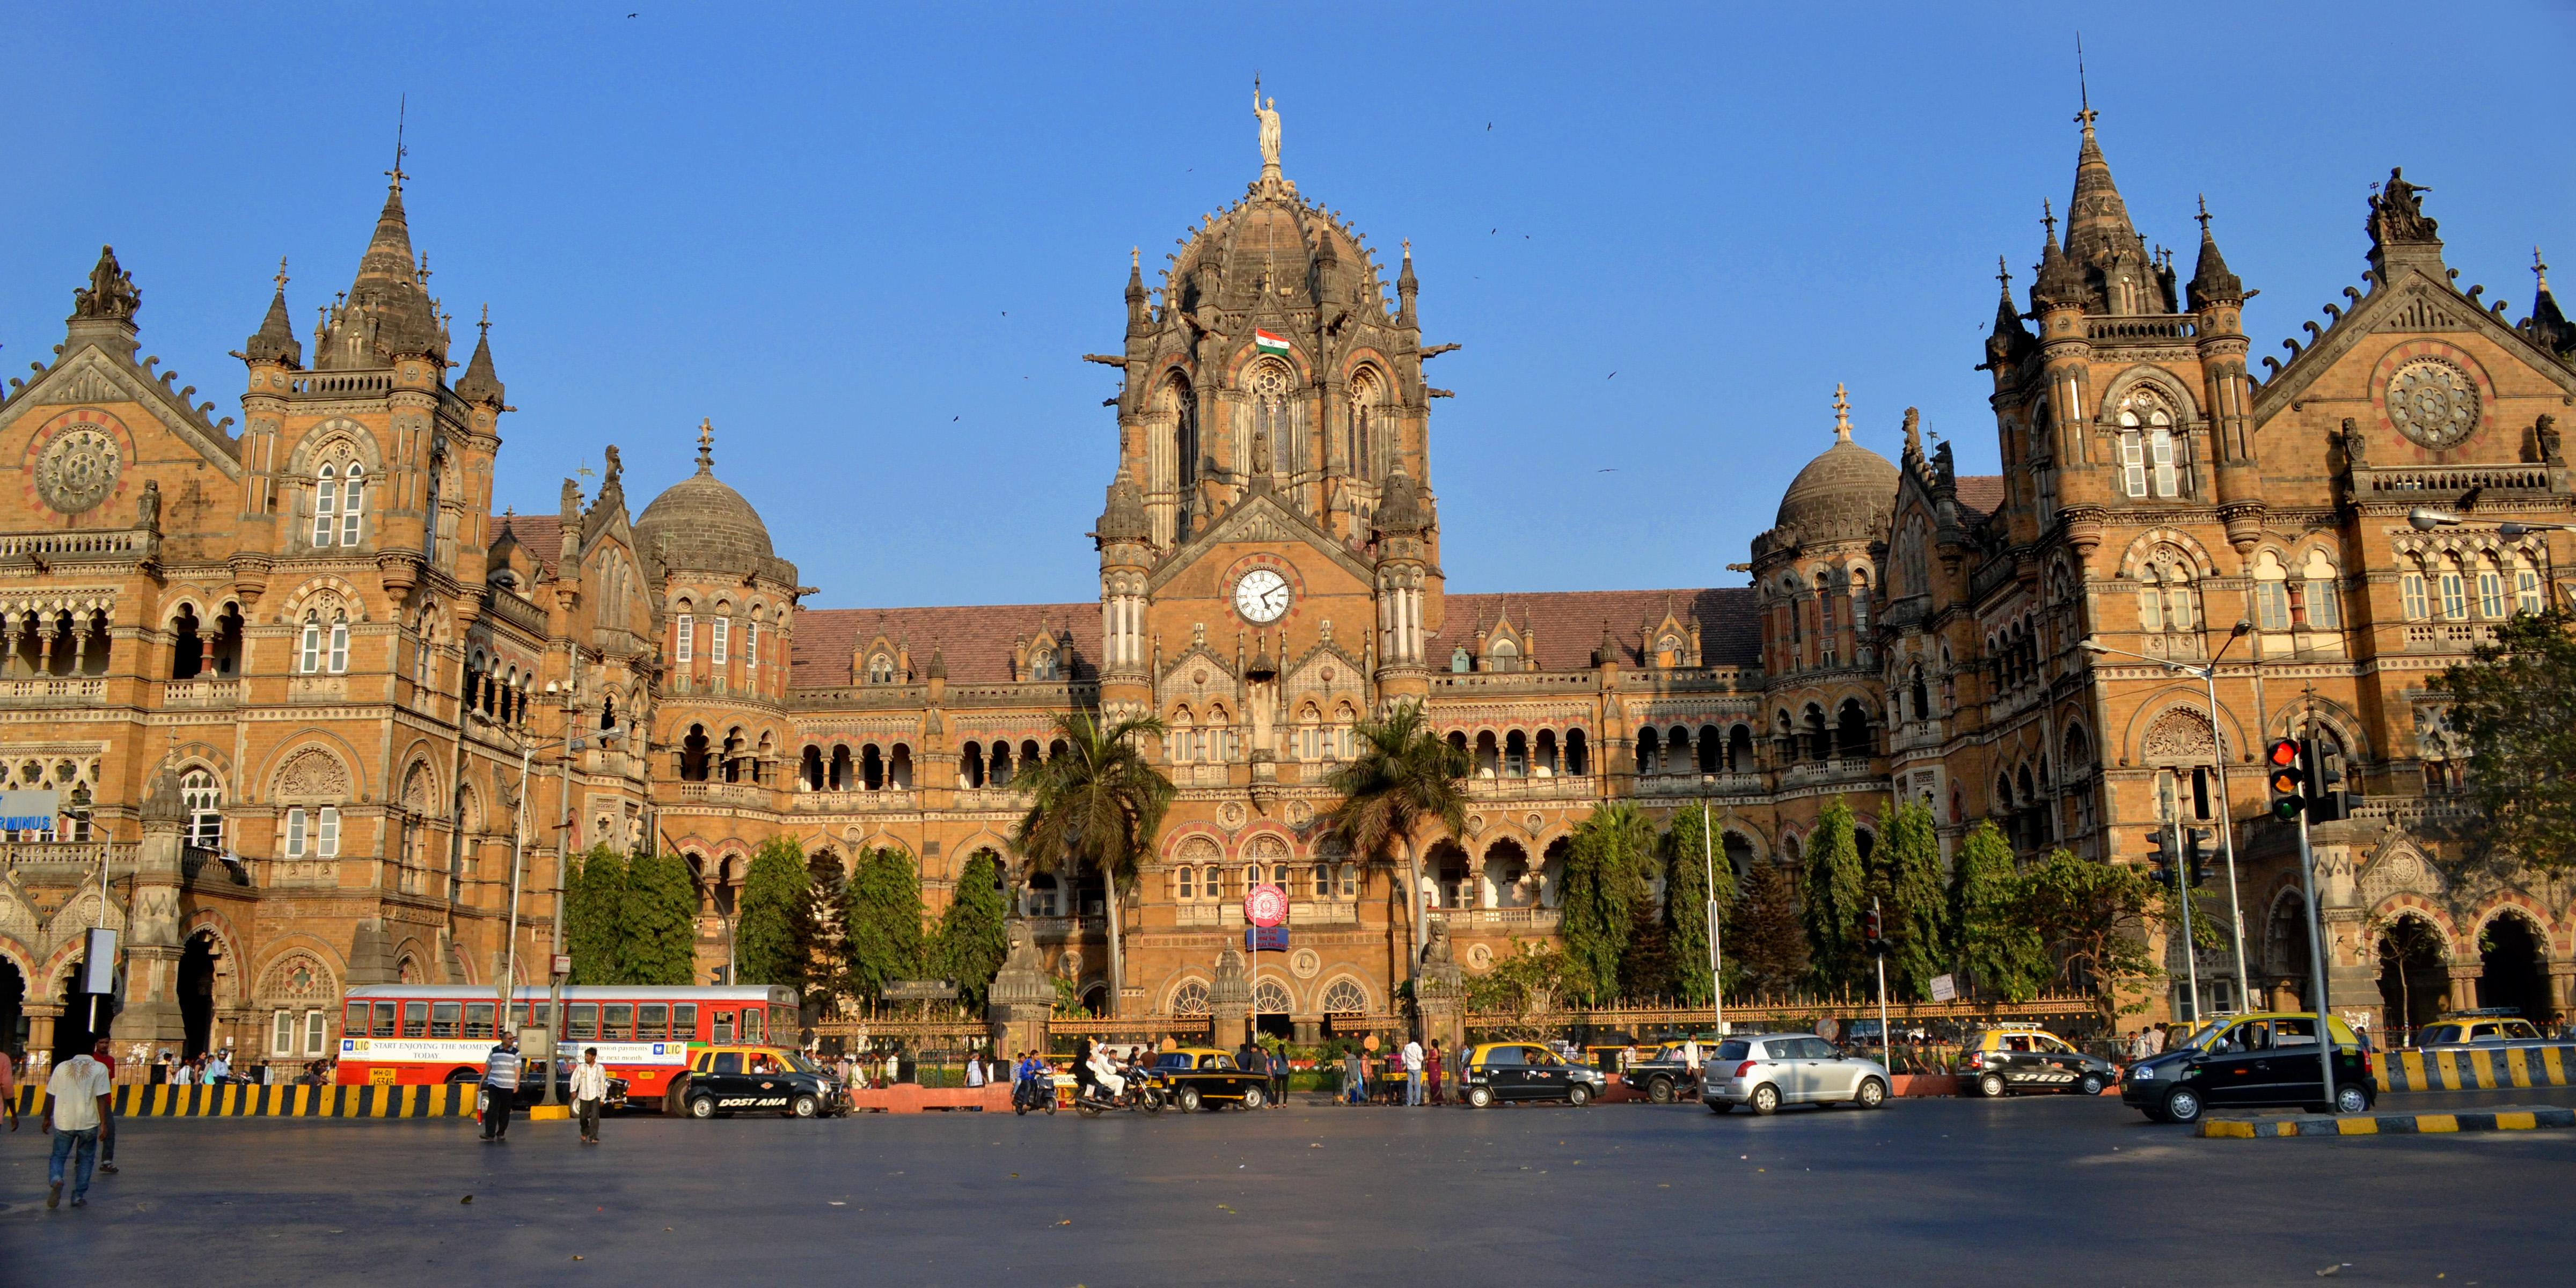 The_Chhatrapati_Shivaji_Terminus